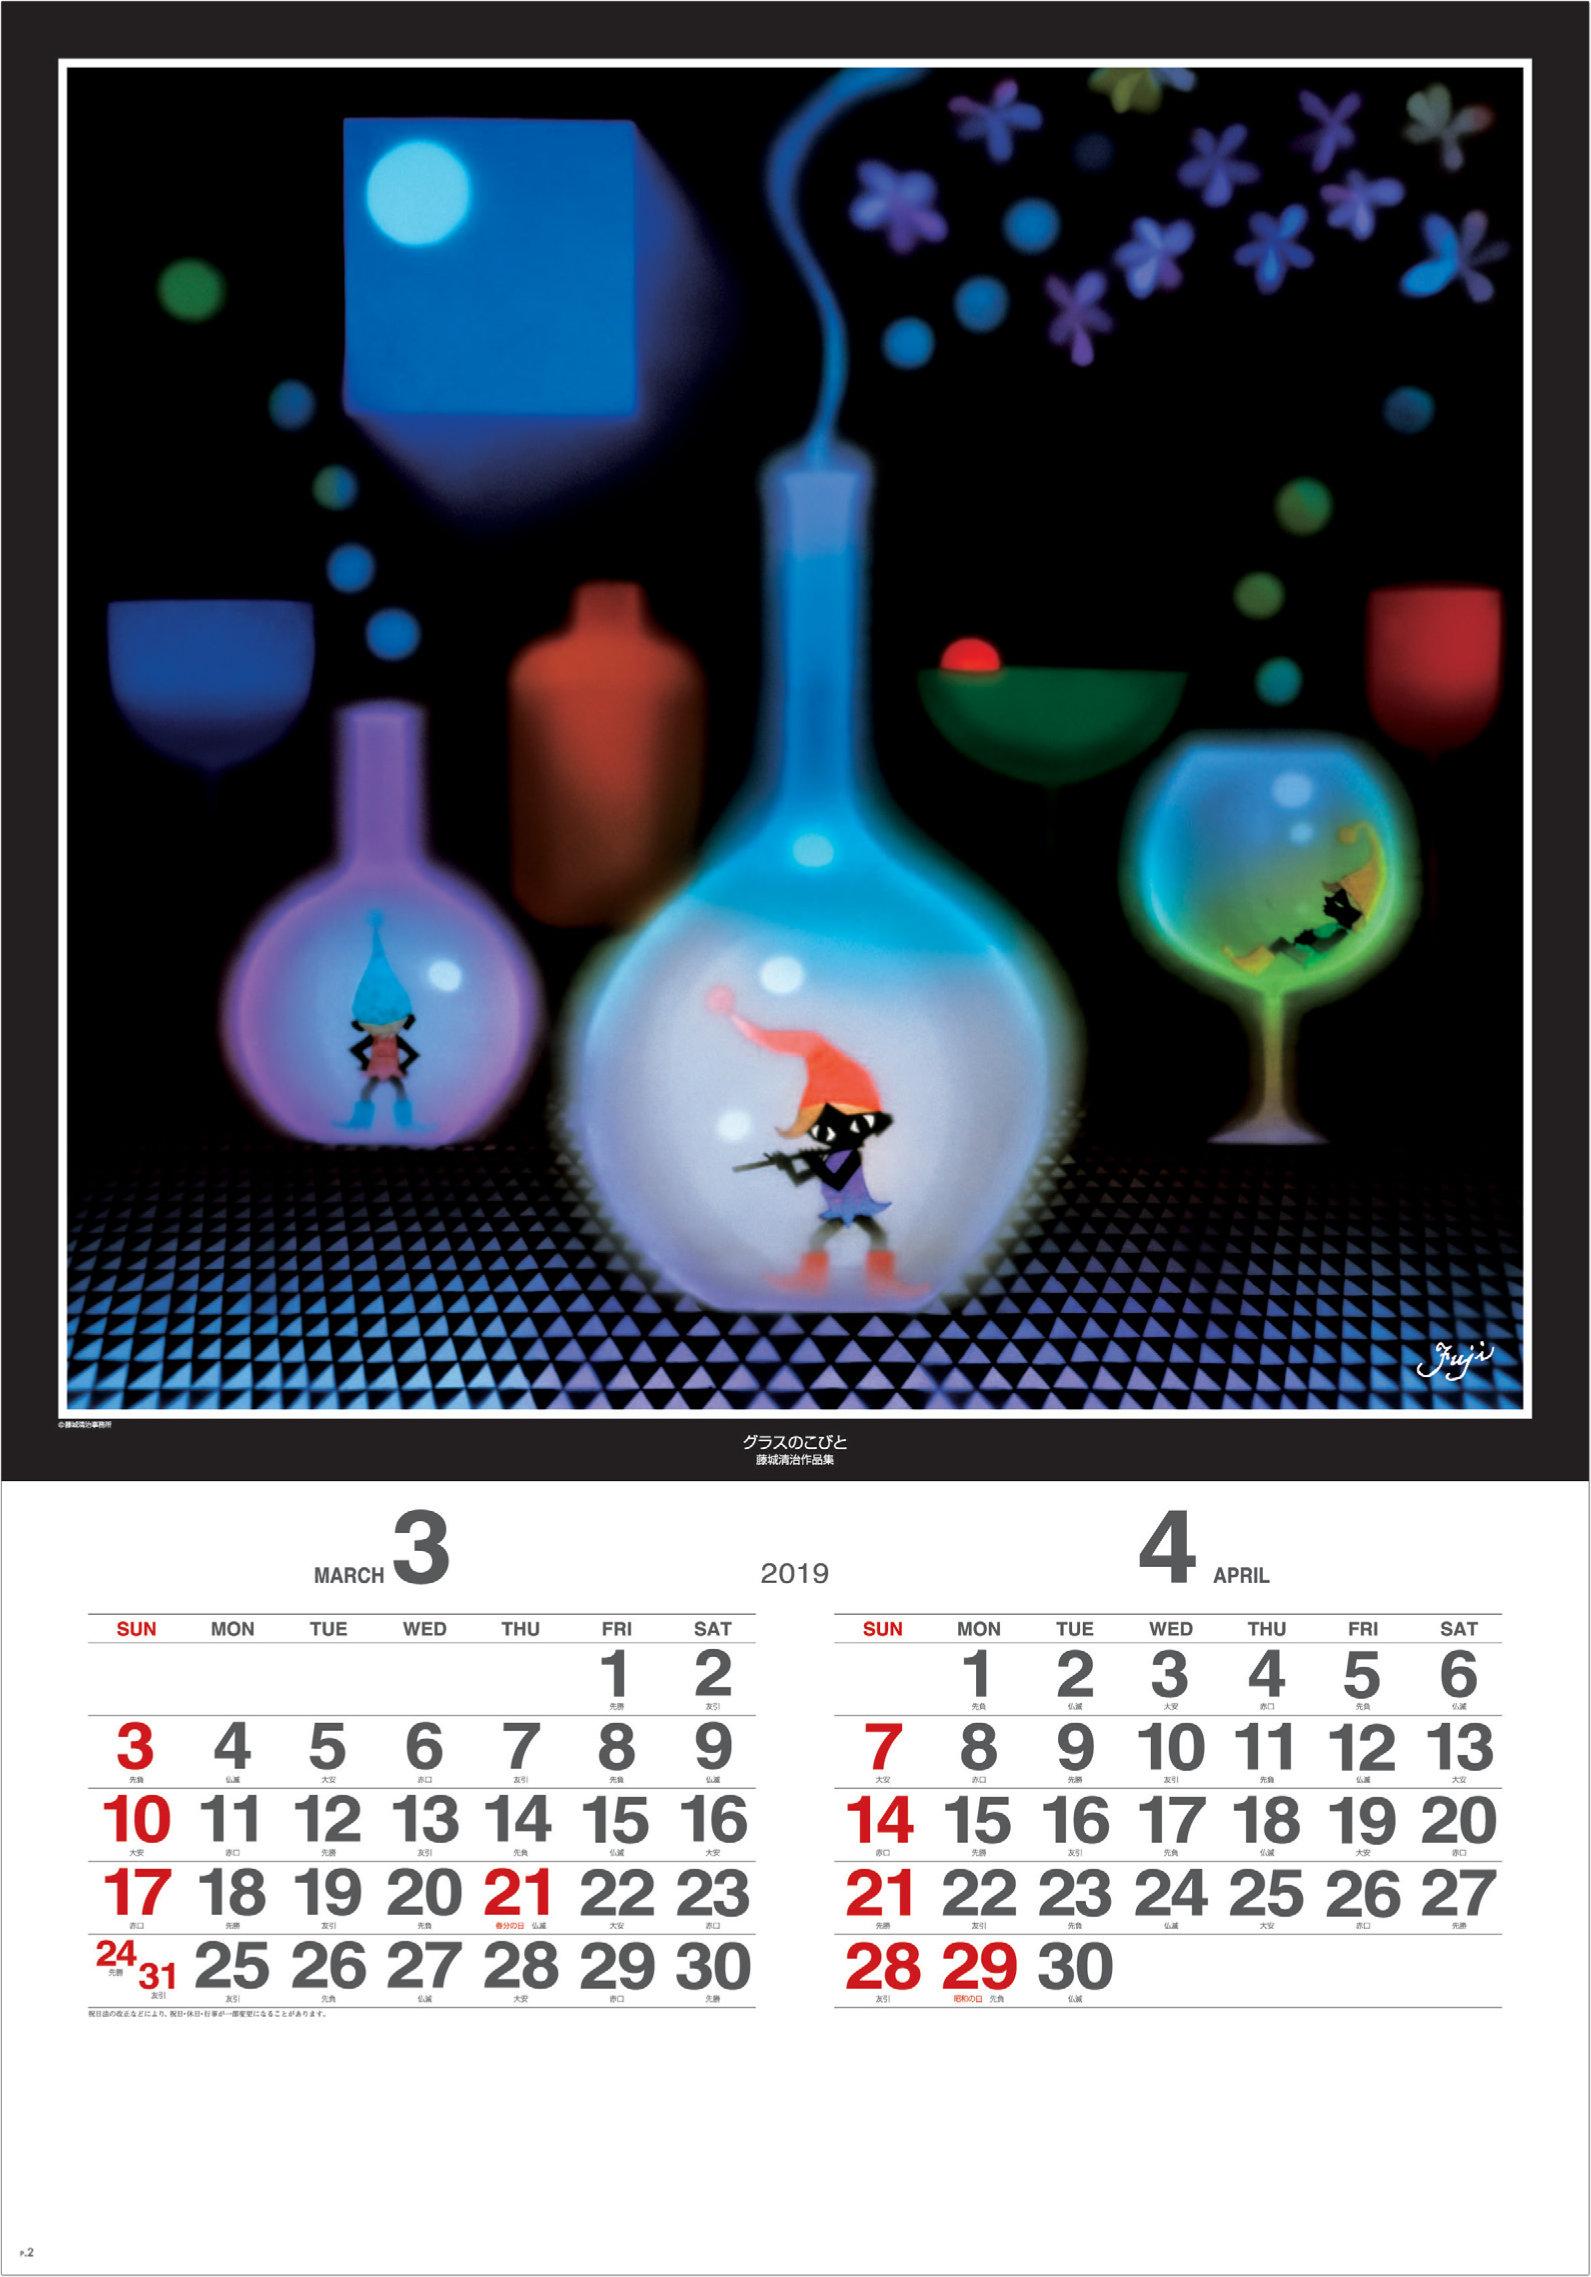 画像:藤城清治 作品「グラスのこびと」 遠い日の風景から(影絵)  藤城清治 (フィルムカレンダー) 2019年カレンダー